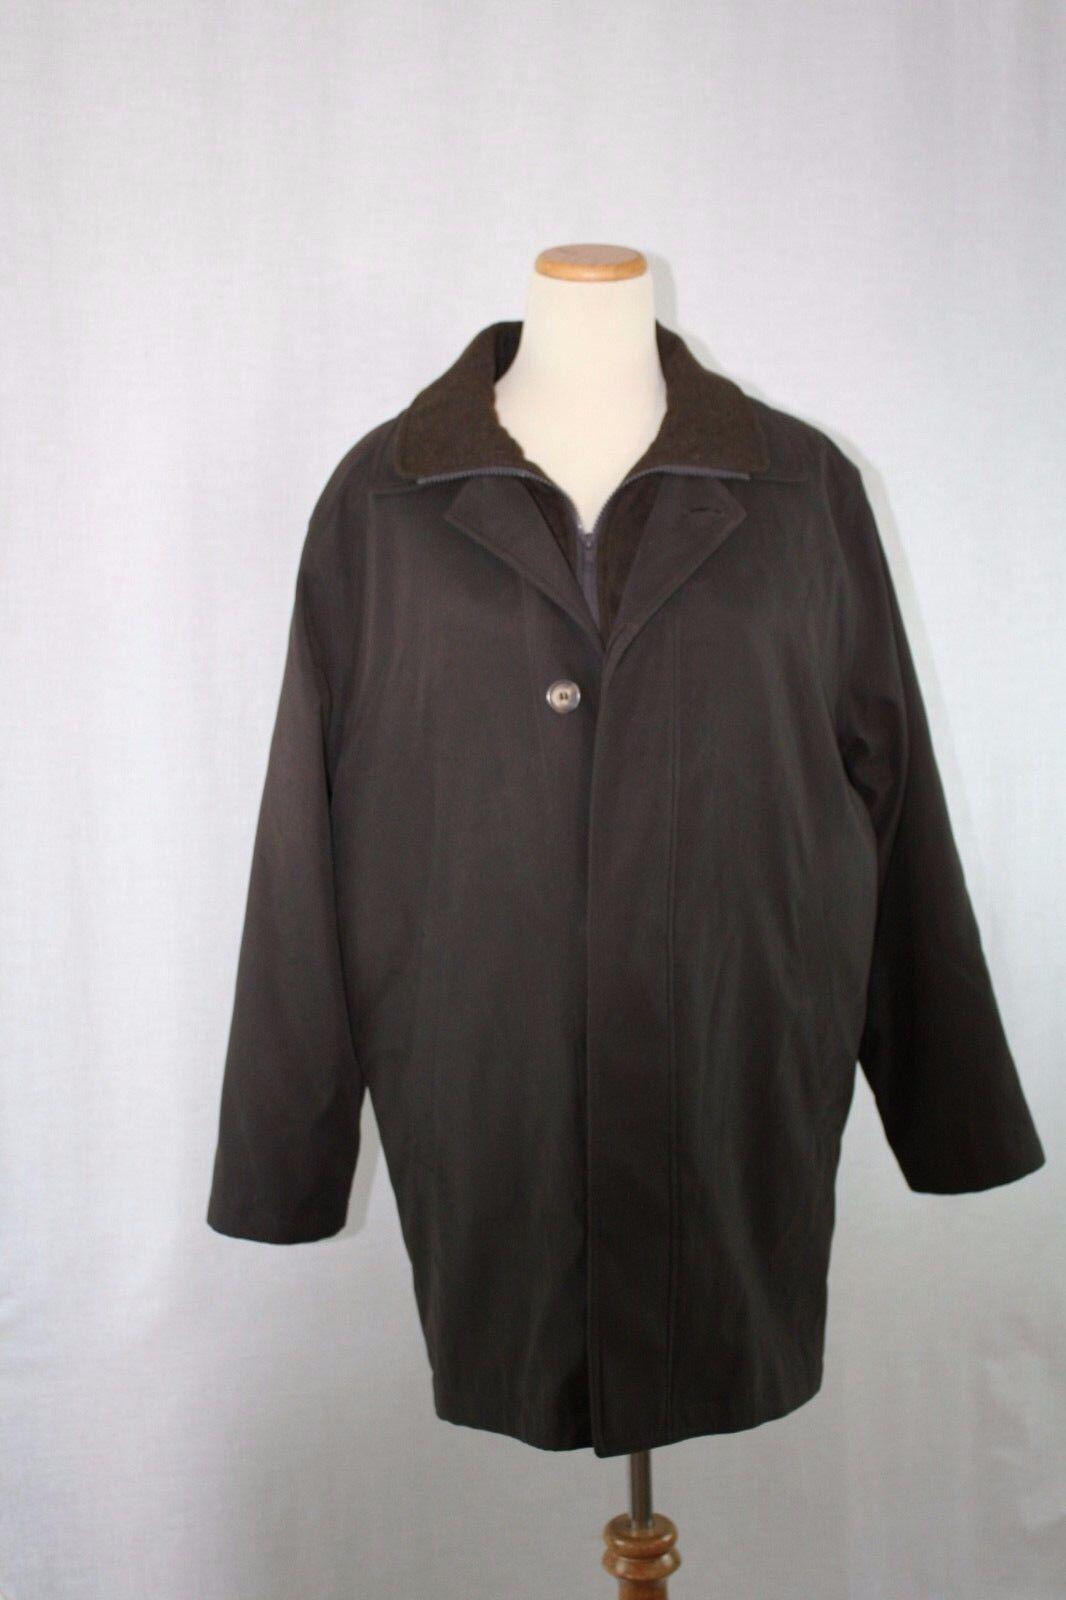 Ralph Lauren  Herren Edgar Rain/Winter Coat Größe 40S  Chocoate with Braun Liner